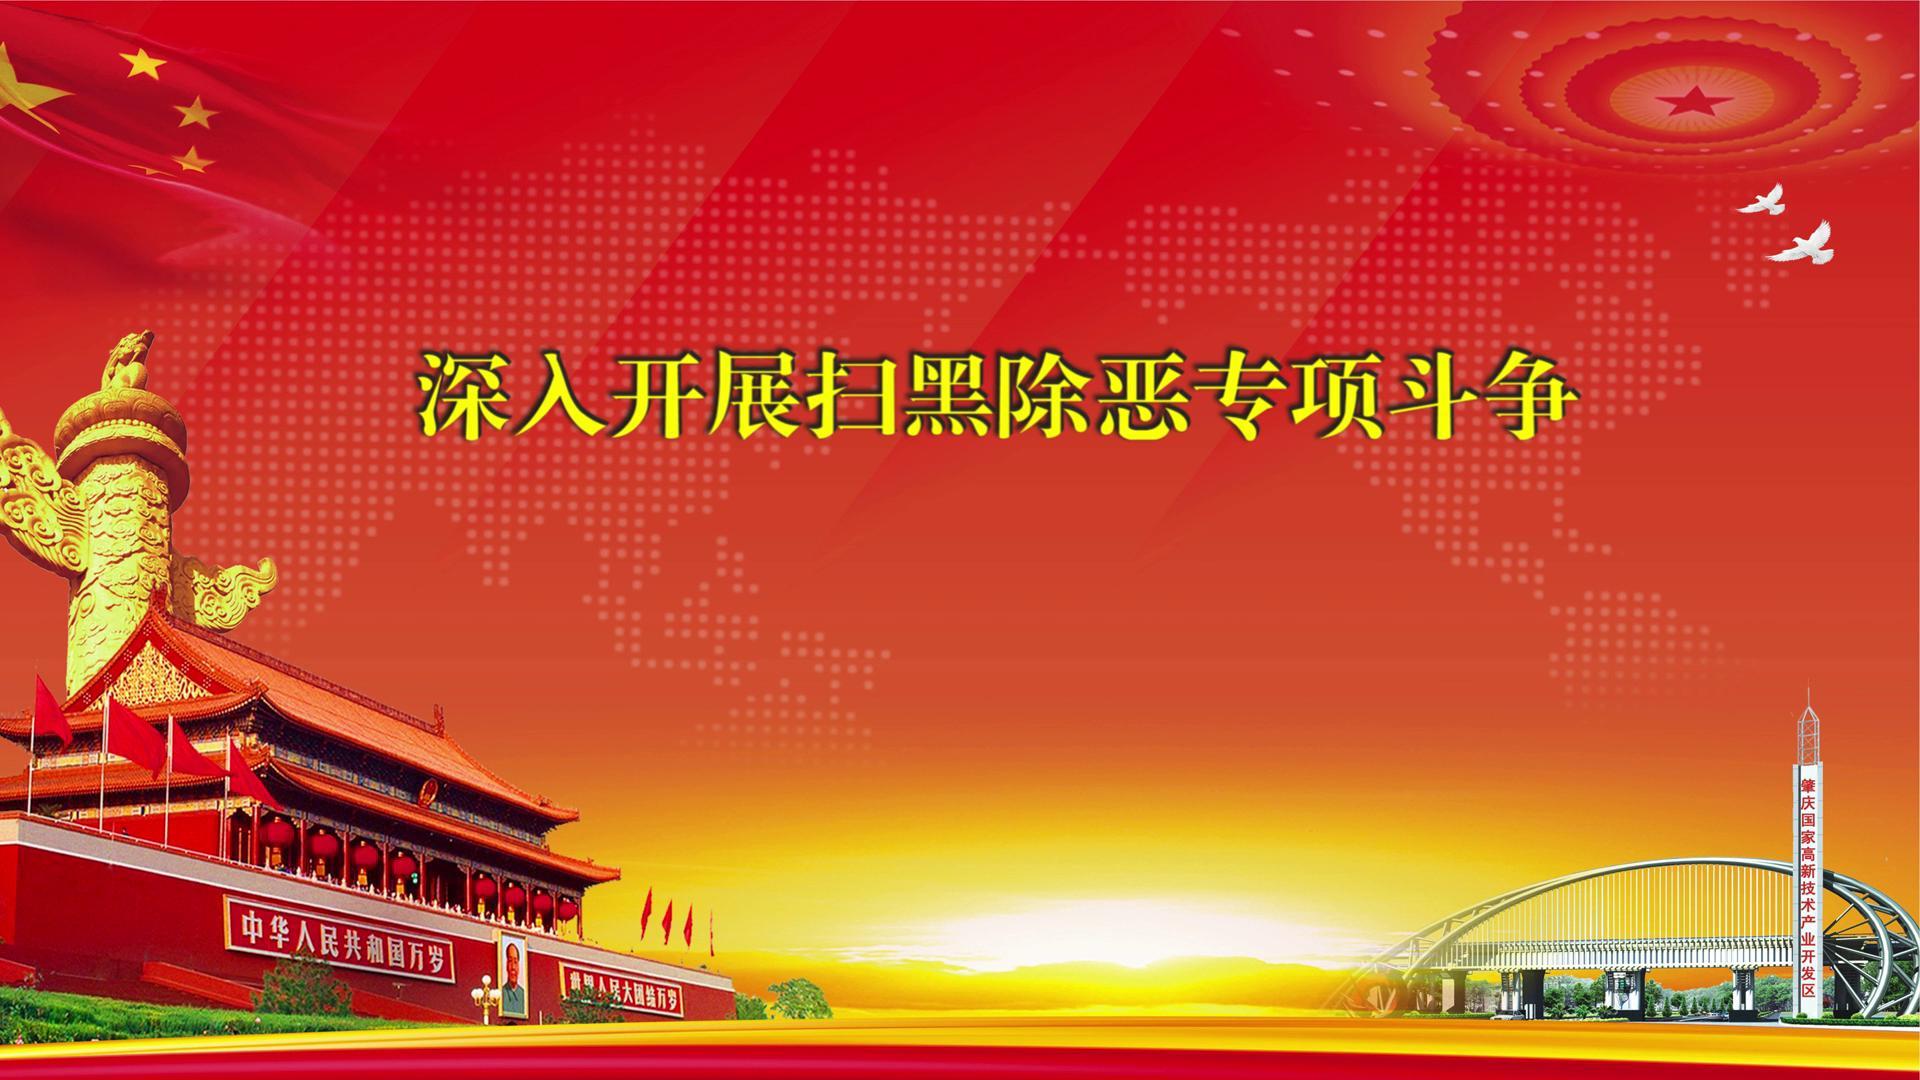 《利剑扫黑,铁拳除恶》——肇庆高新区扫黑除恶宣传片